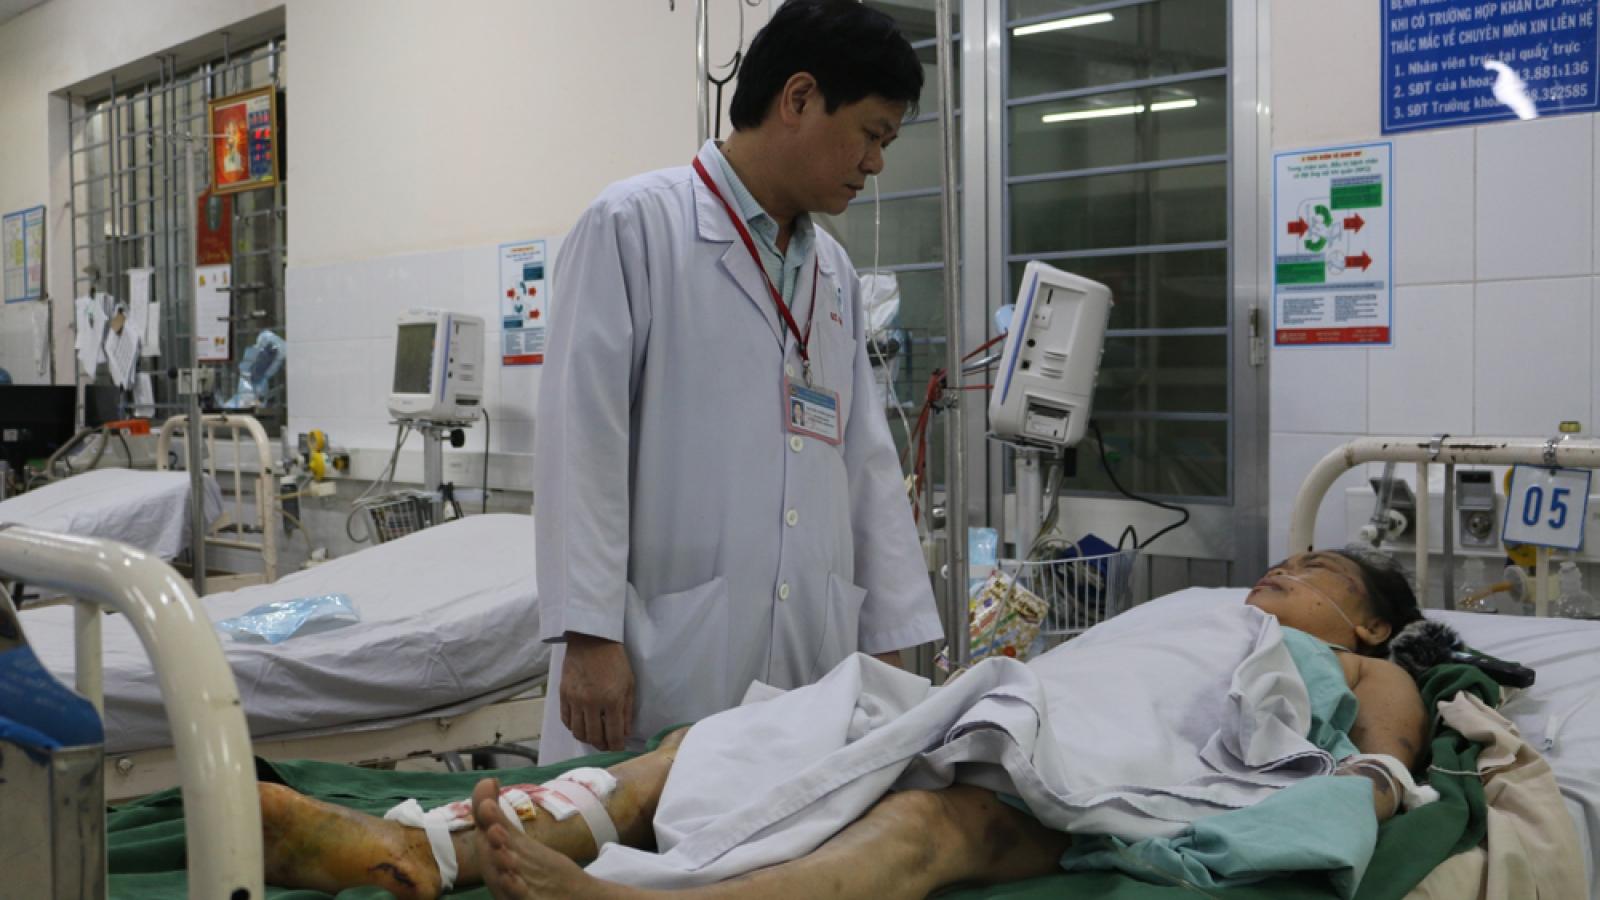 Vụ sập công trình làm 10 người chết ở Đồng Nai qua lời kể của nạn nhân